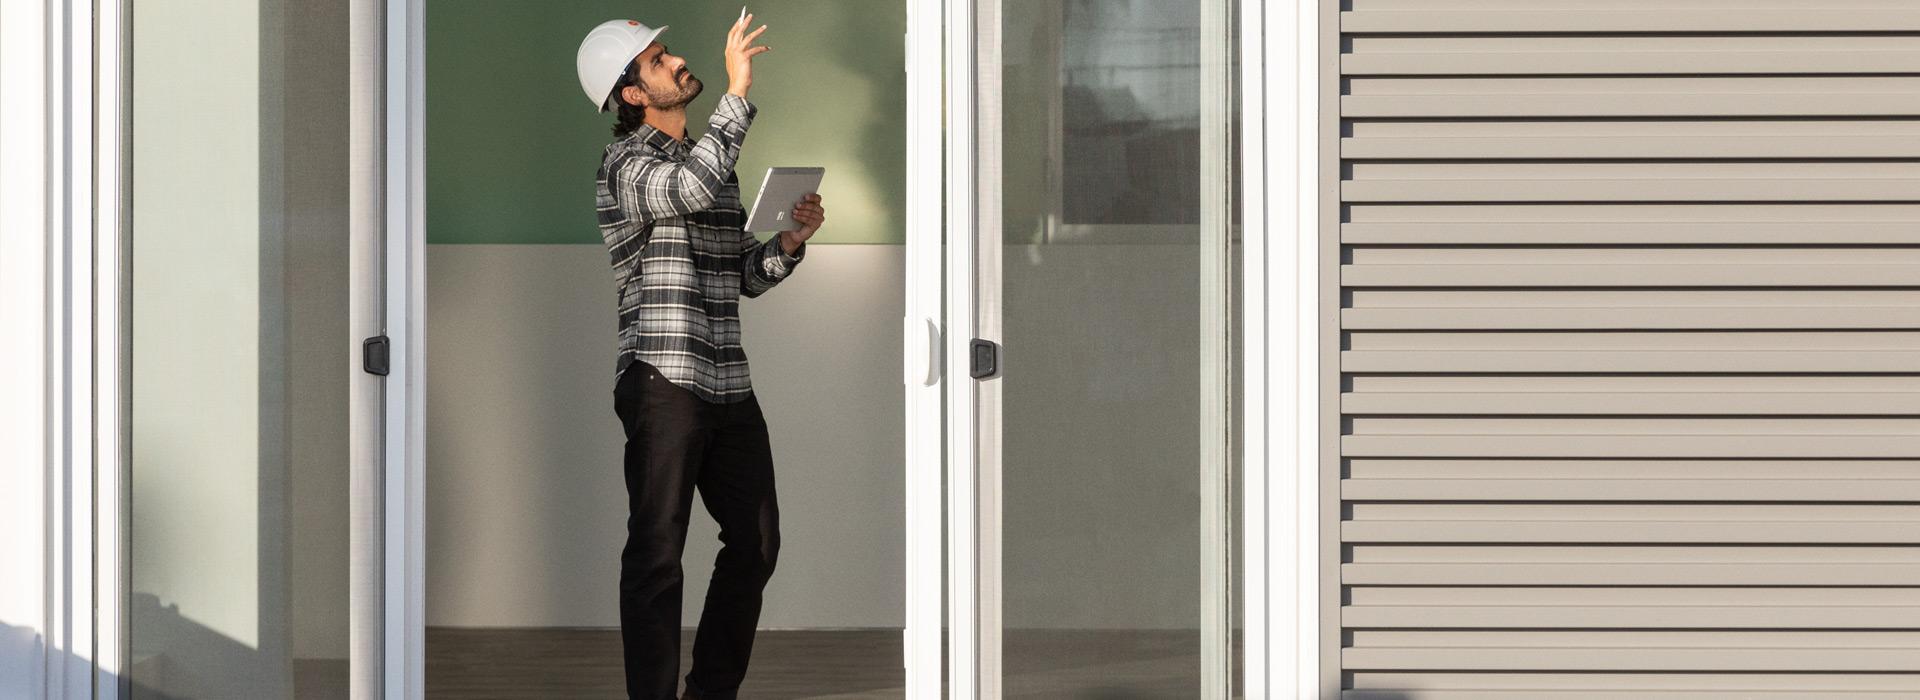 주택 환경에서 태블릿 모드의 Surface Go 2을(를) 들고 있는 안전모를 쓴 작업자